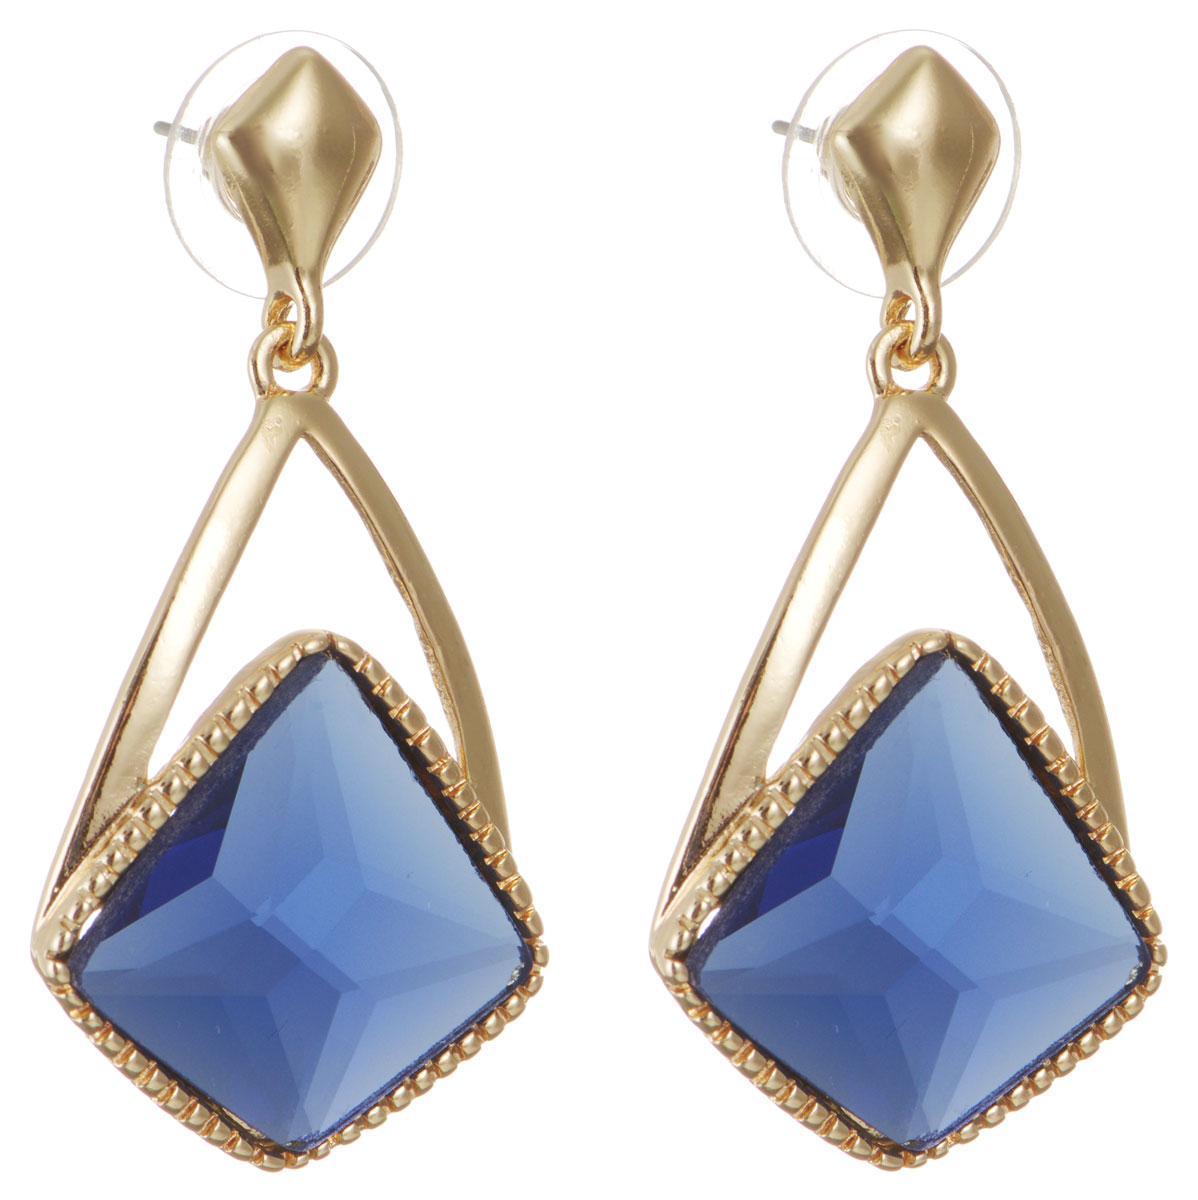 Серьги Taya, цвет: золотистый, синий. T-B-10740-EARR-GL.D.BLUEСерьги с подвескамиОригинальные серьги Taya, выполненные из металлического сплава в виде подвесок в форме капли декорированной крупным кристаллом необычной формы, придадут вашему образу изюминку, подчеркнут красоту или преобразят повседневный наряд. Застегиваются на замок-гвоздик с пластиковой заглушкой.Такие серьги позволят вам с легкостью воплотить самую смелую фантазию и создать собственный, неповторимый образ.